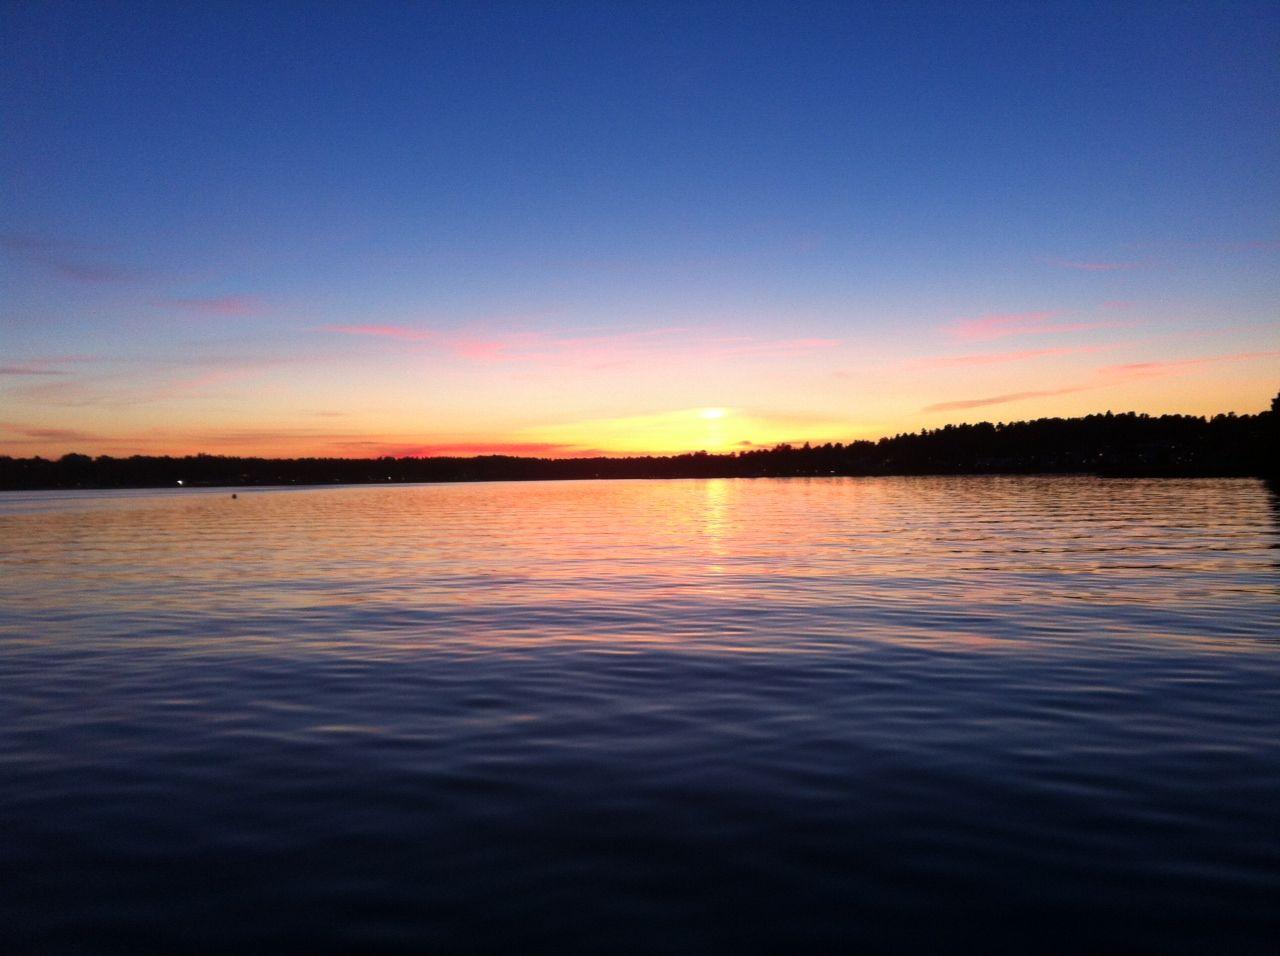 Den obligatoriska solnedgångsbilden